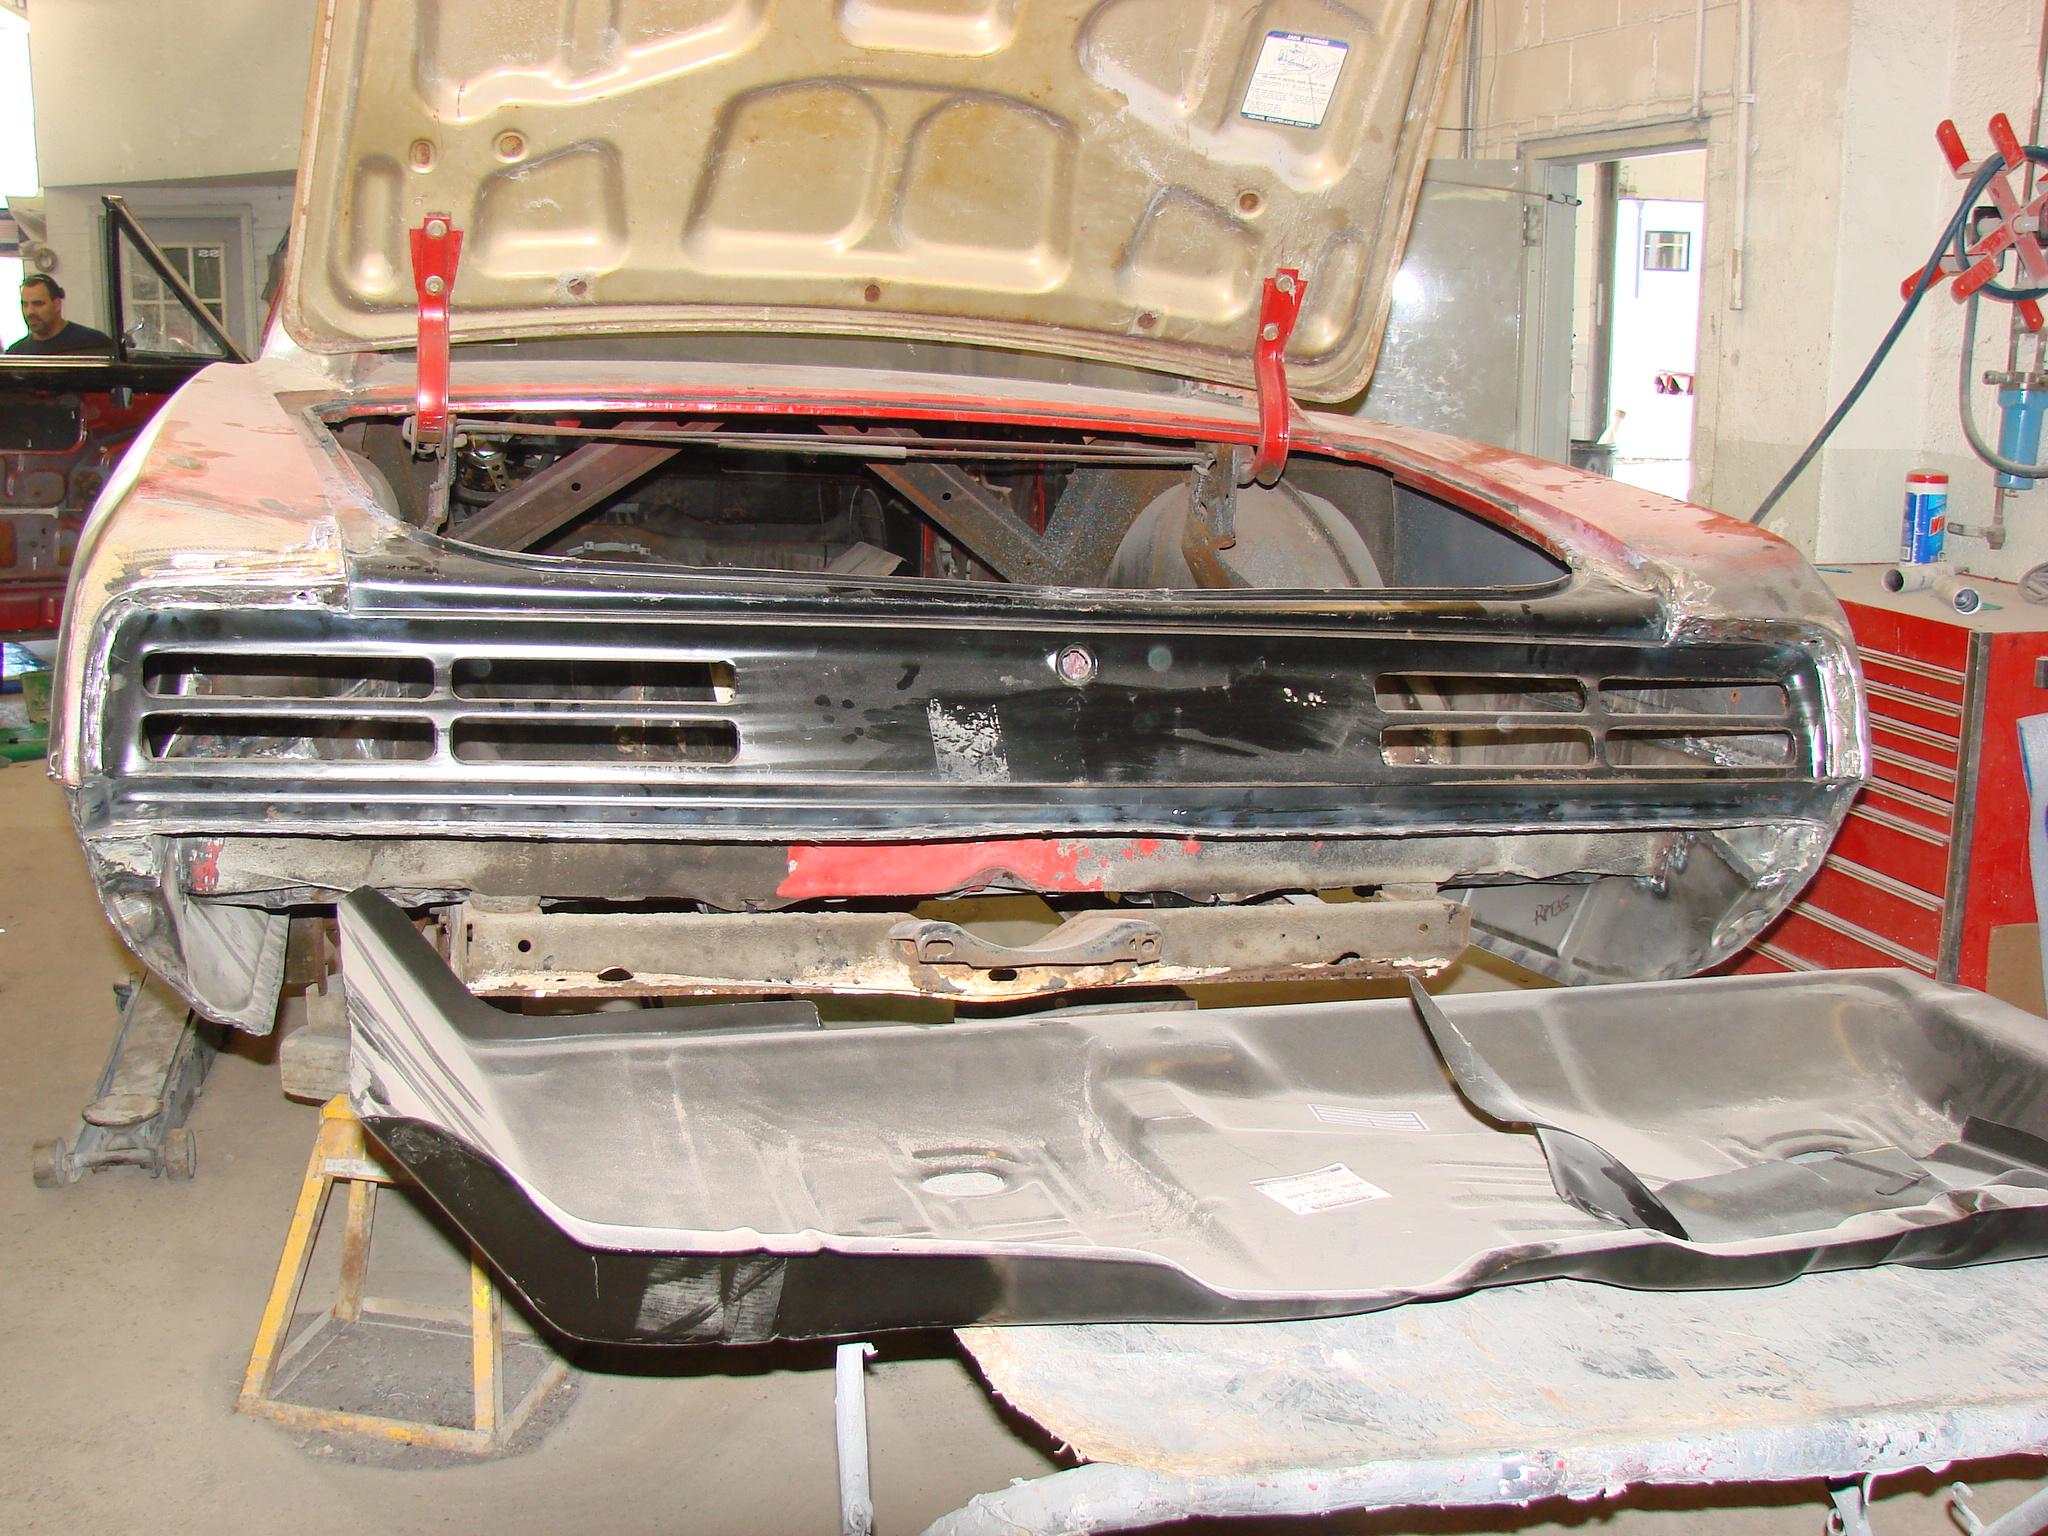 Presenting my new 1968 GTO convertible-3mresto-010.jpg